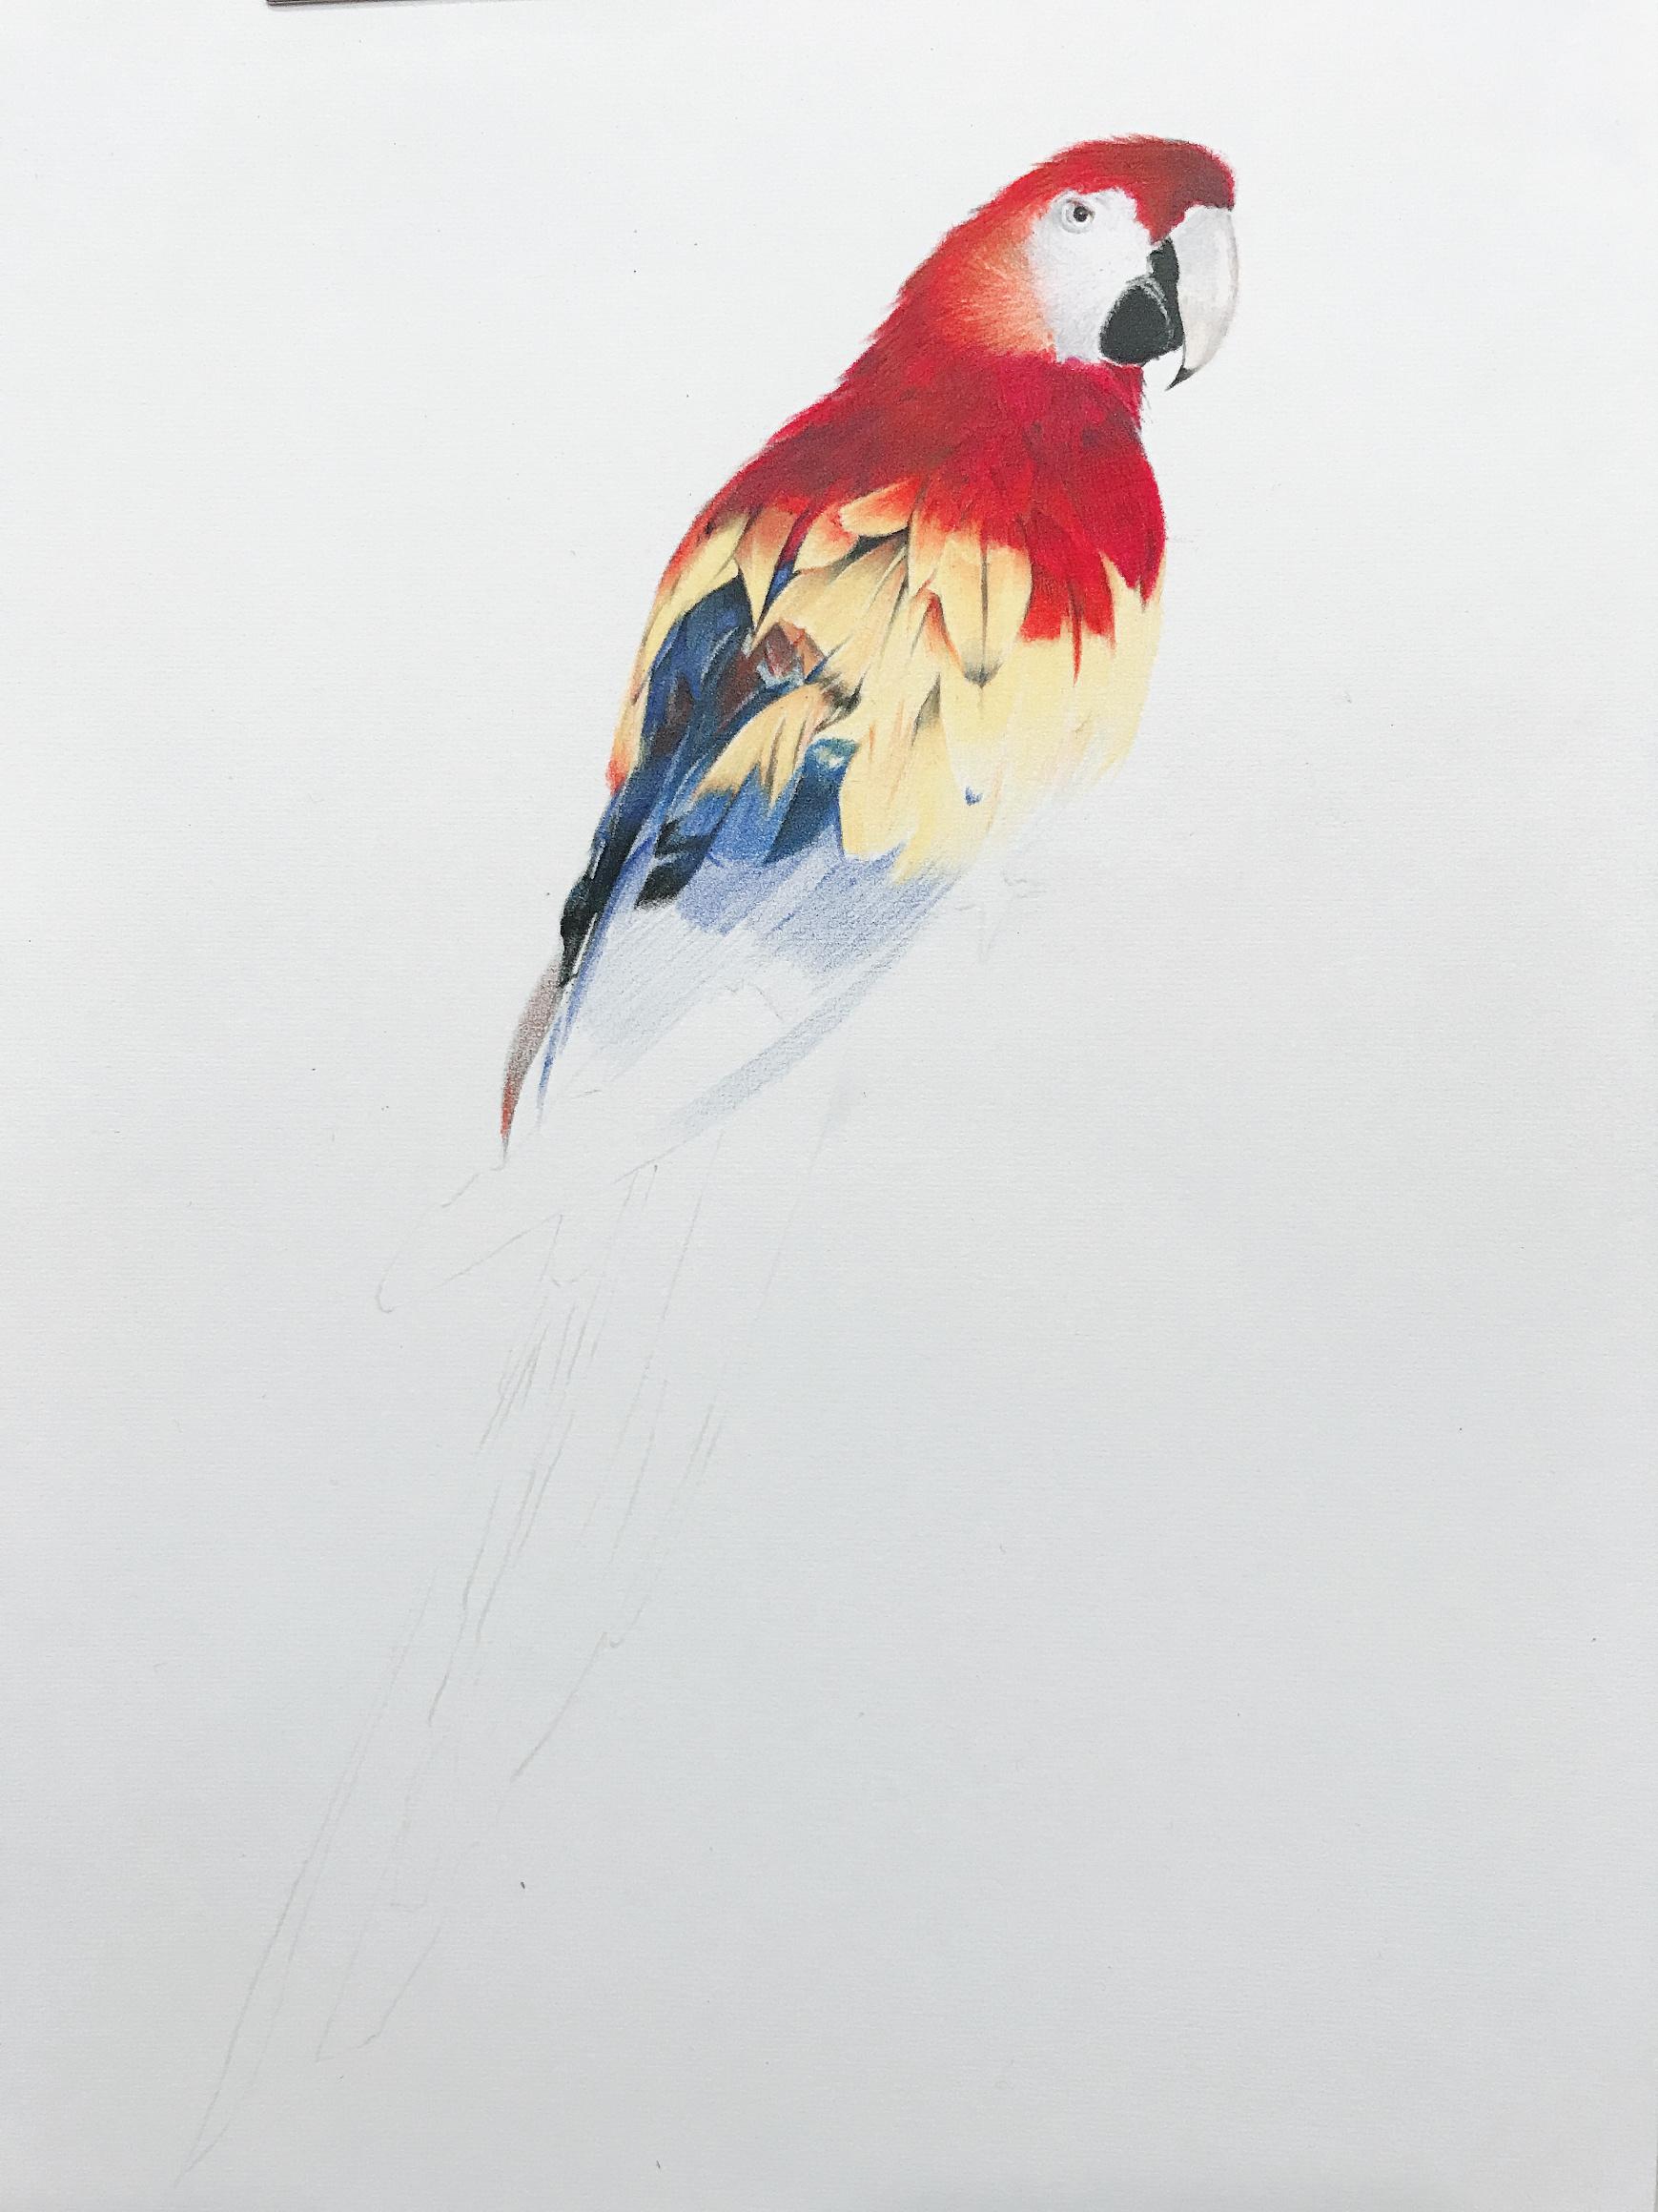 彩铅 纯艺术 彩铅 jy鲸鱼 - 原创作品 - 站酷 (zcool)图片